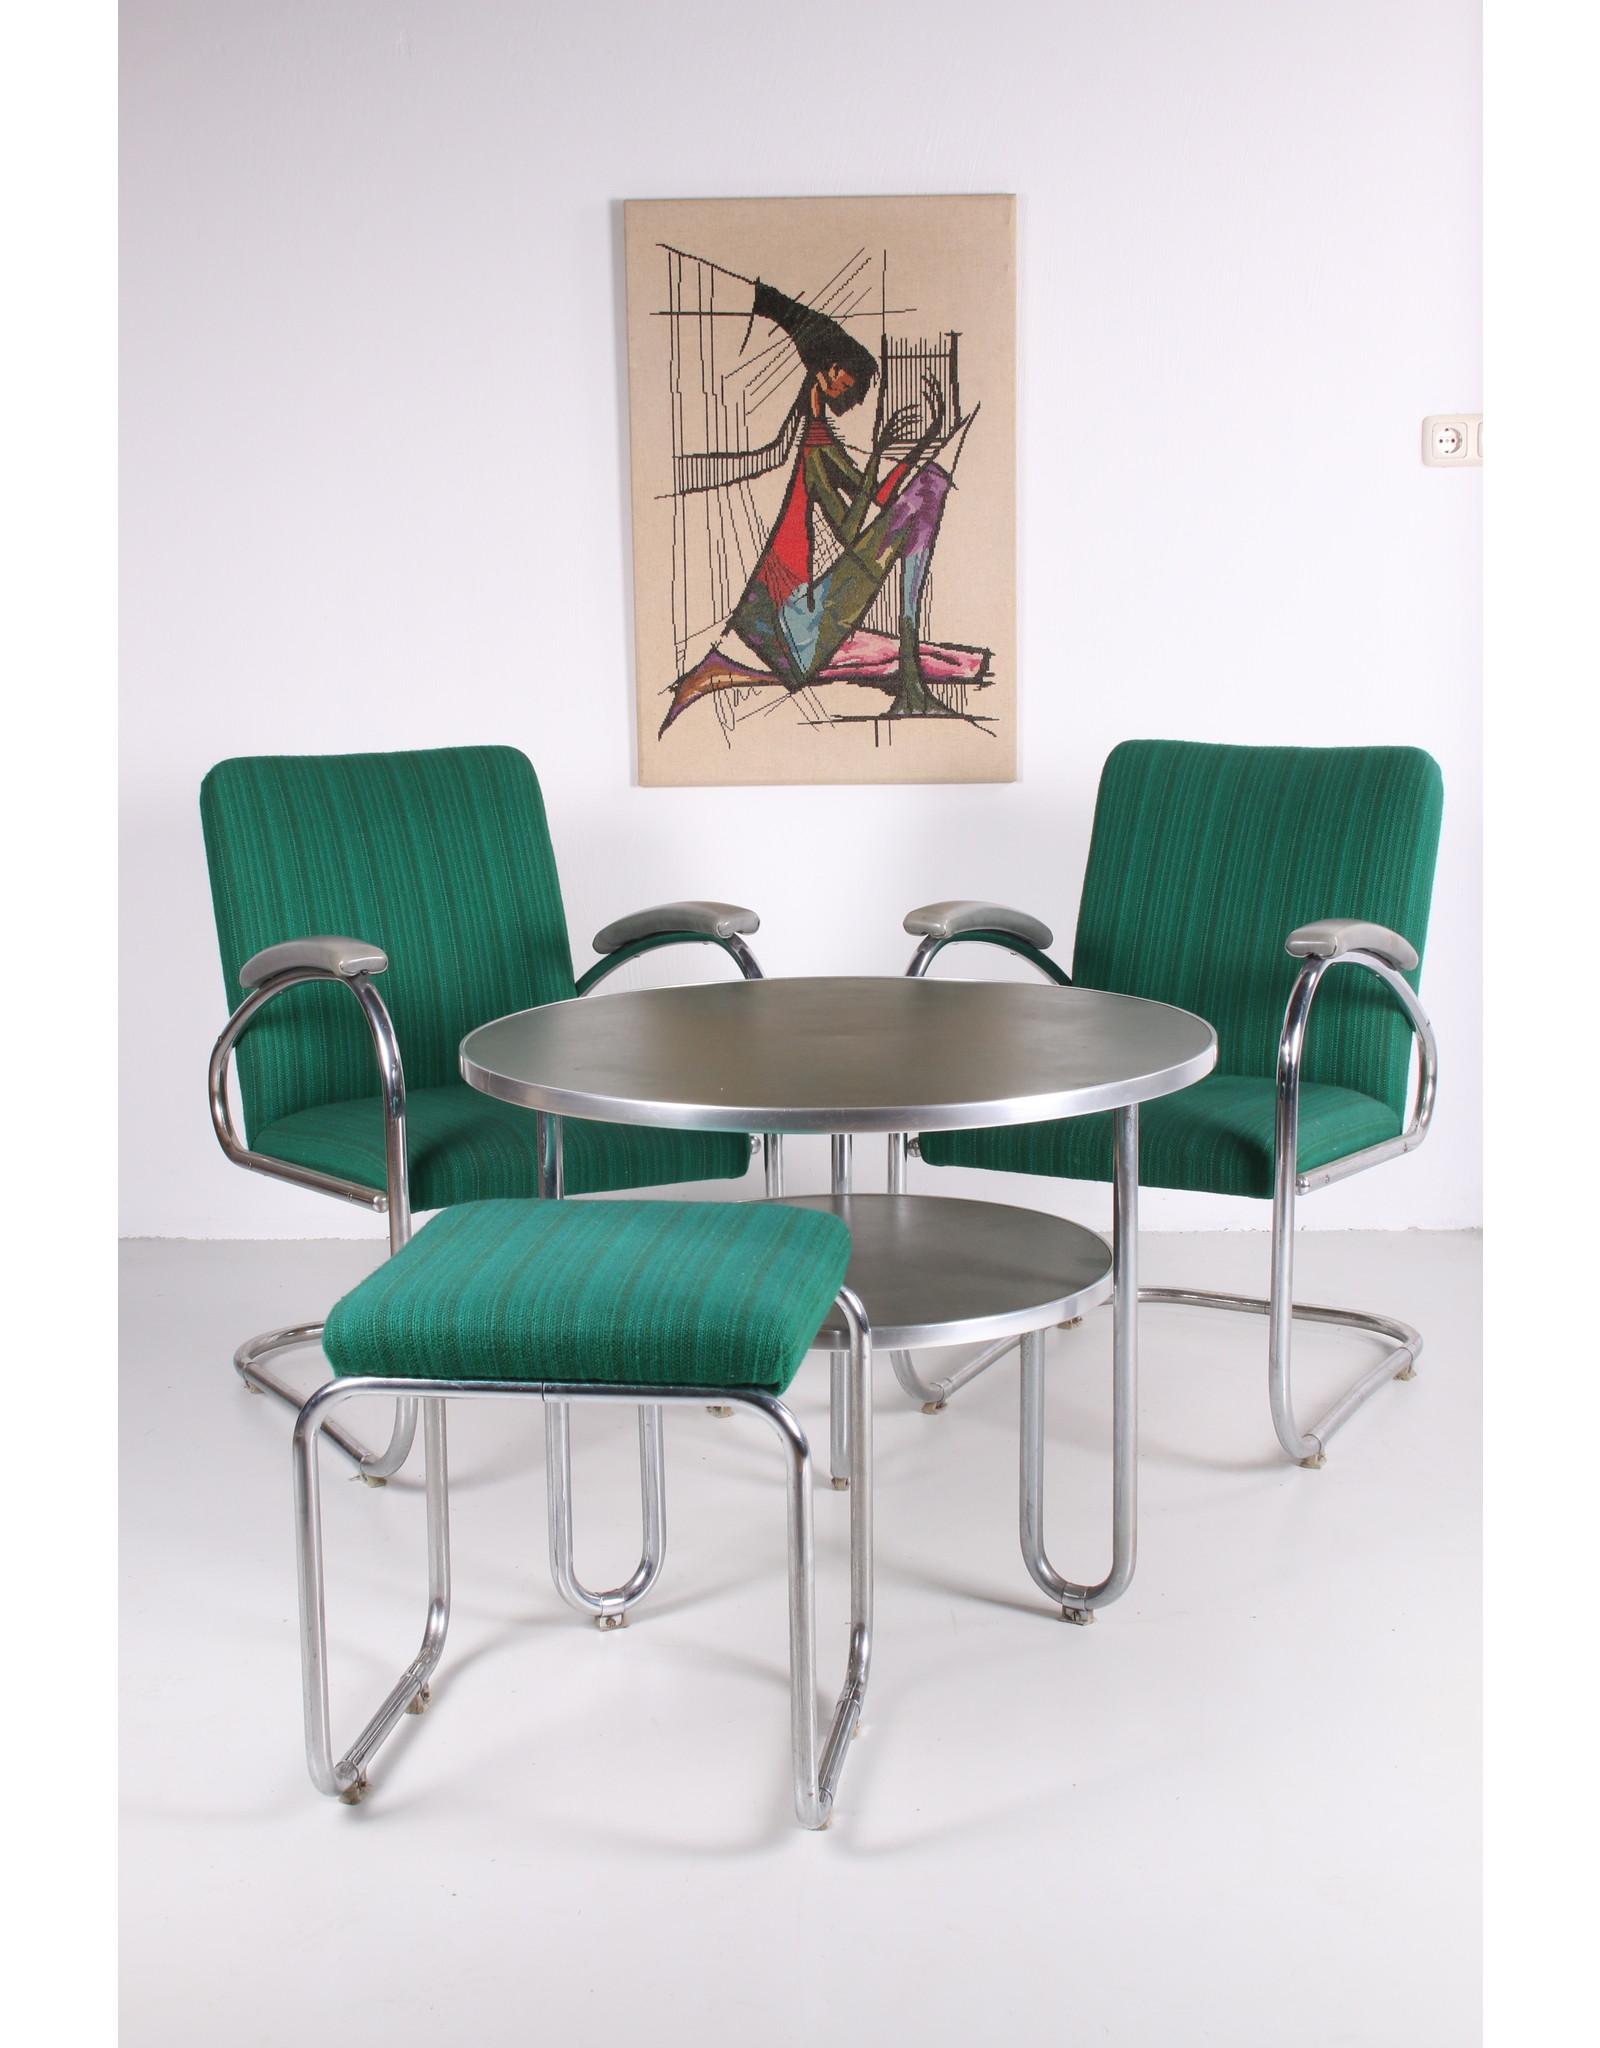 Set Bauhaus 2 fauteuils Bridge met tafel en voetenbankje jaren 30s Gemaakt door Mauser,germany